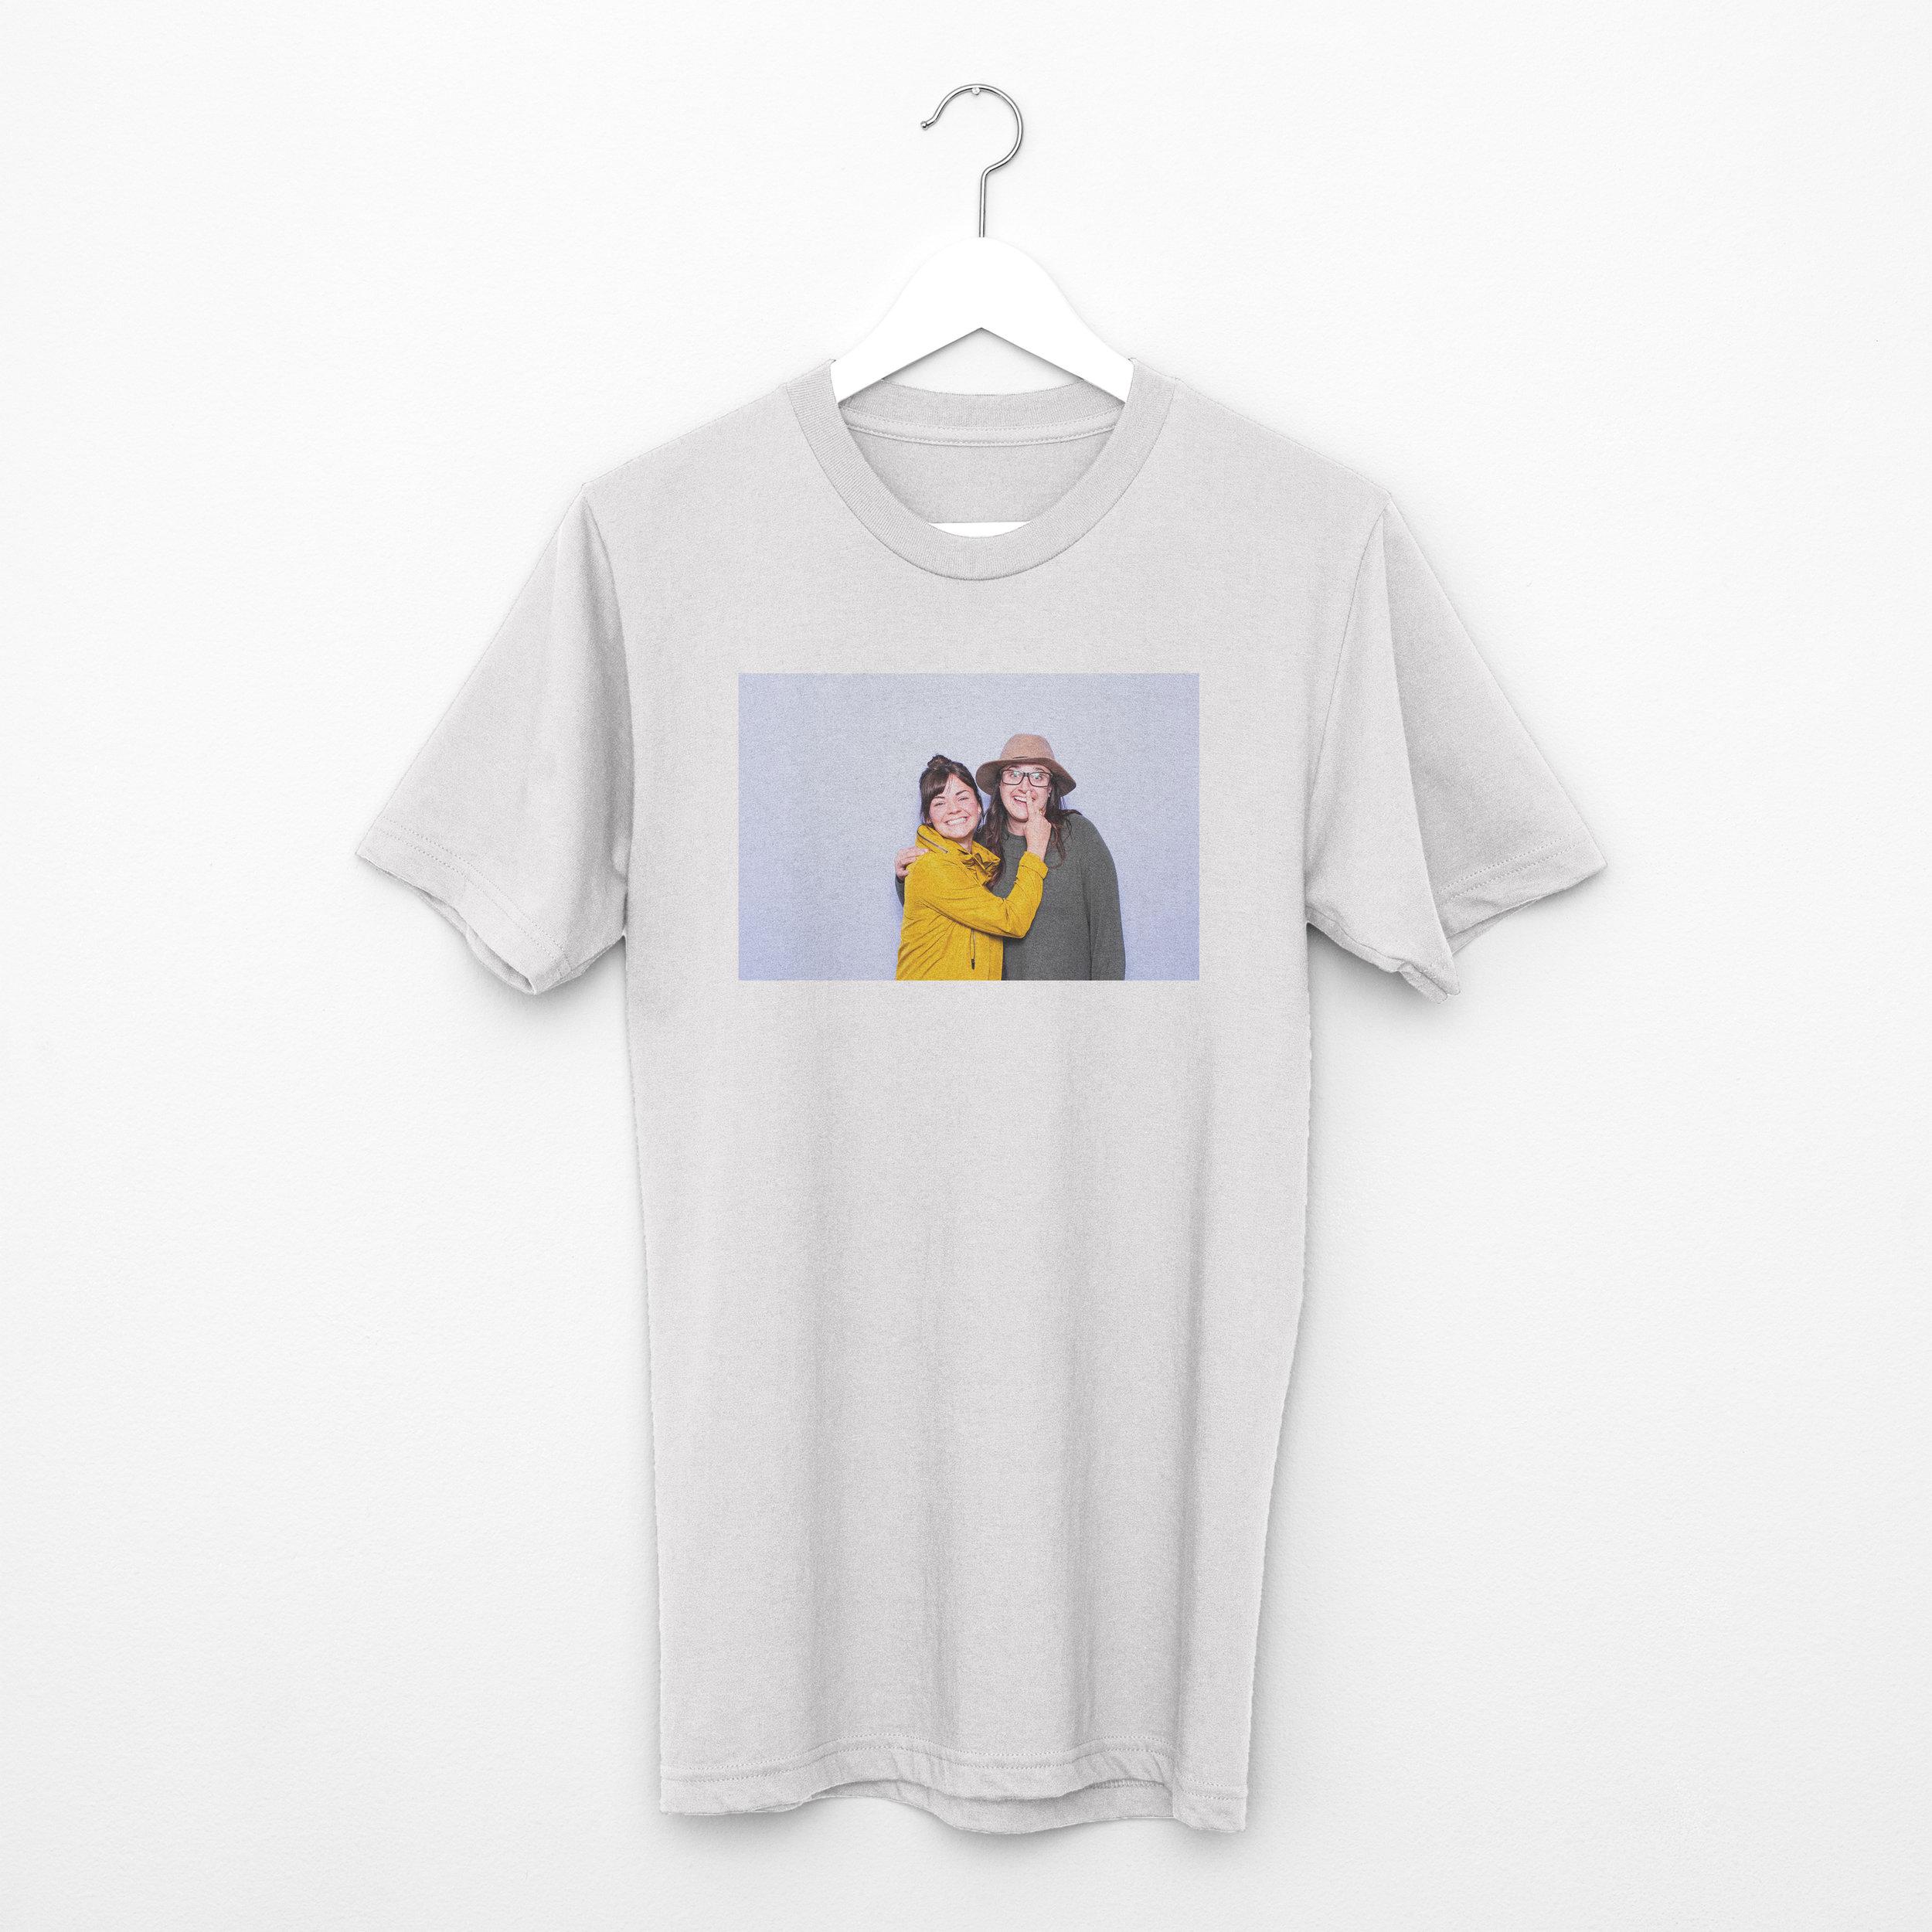 The Mug Shirt